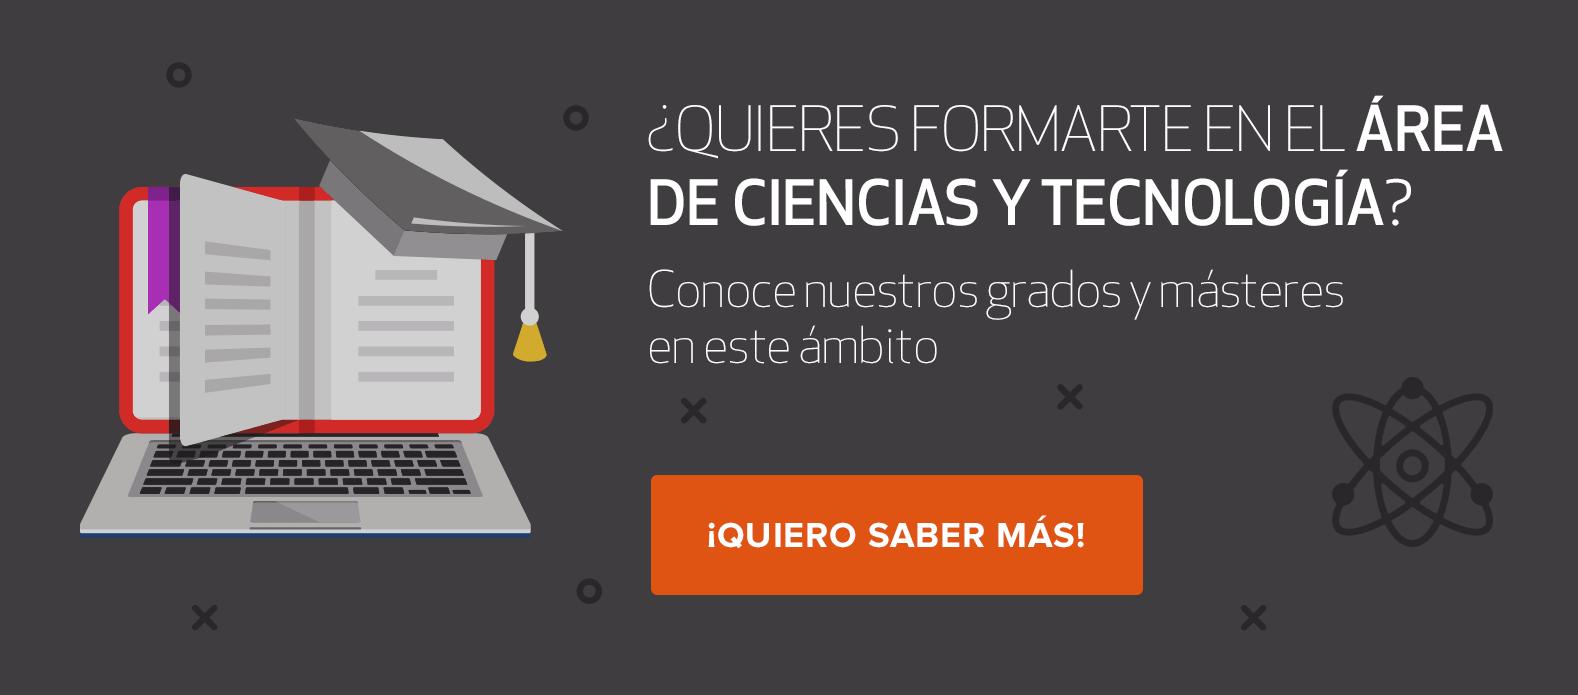 Oferta Ciencia y Tecnologia